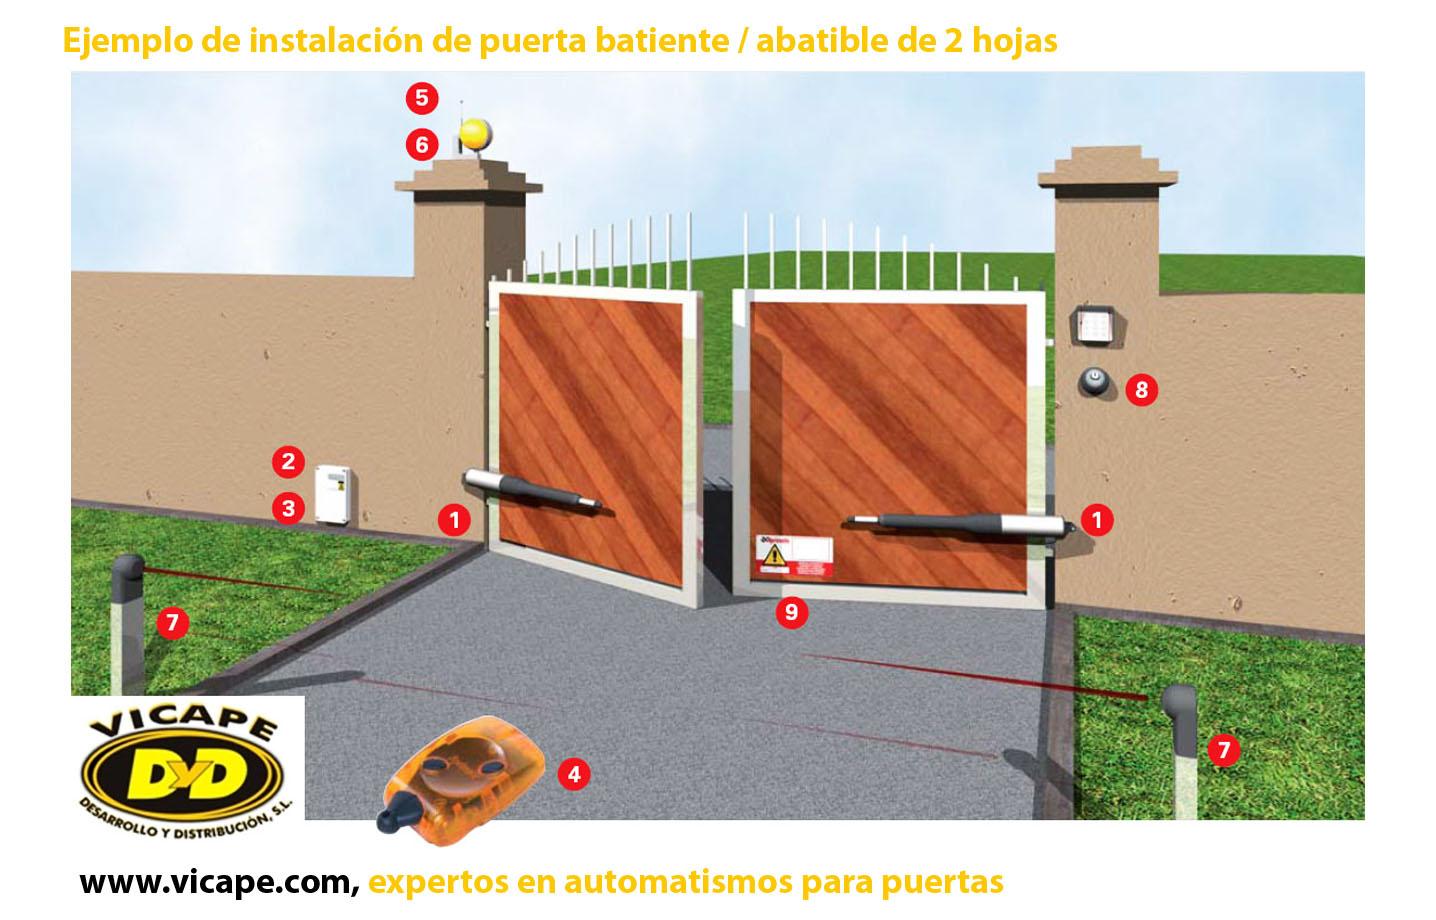 Automatismos para puertas vicape com expertos en automatismos para puertas - Motor de puerta de garaje ...